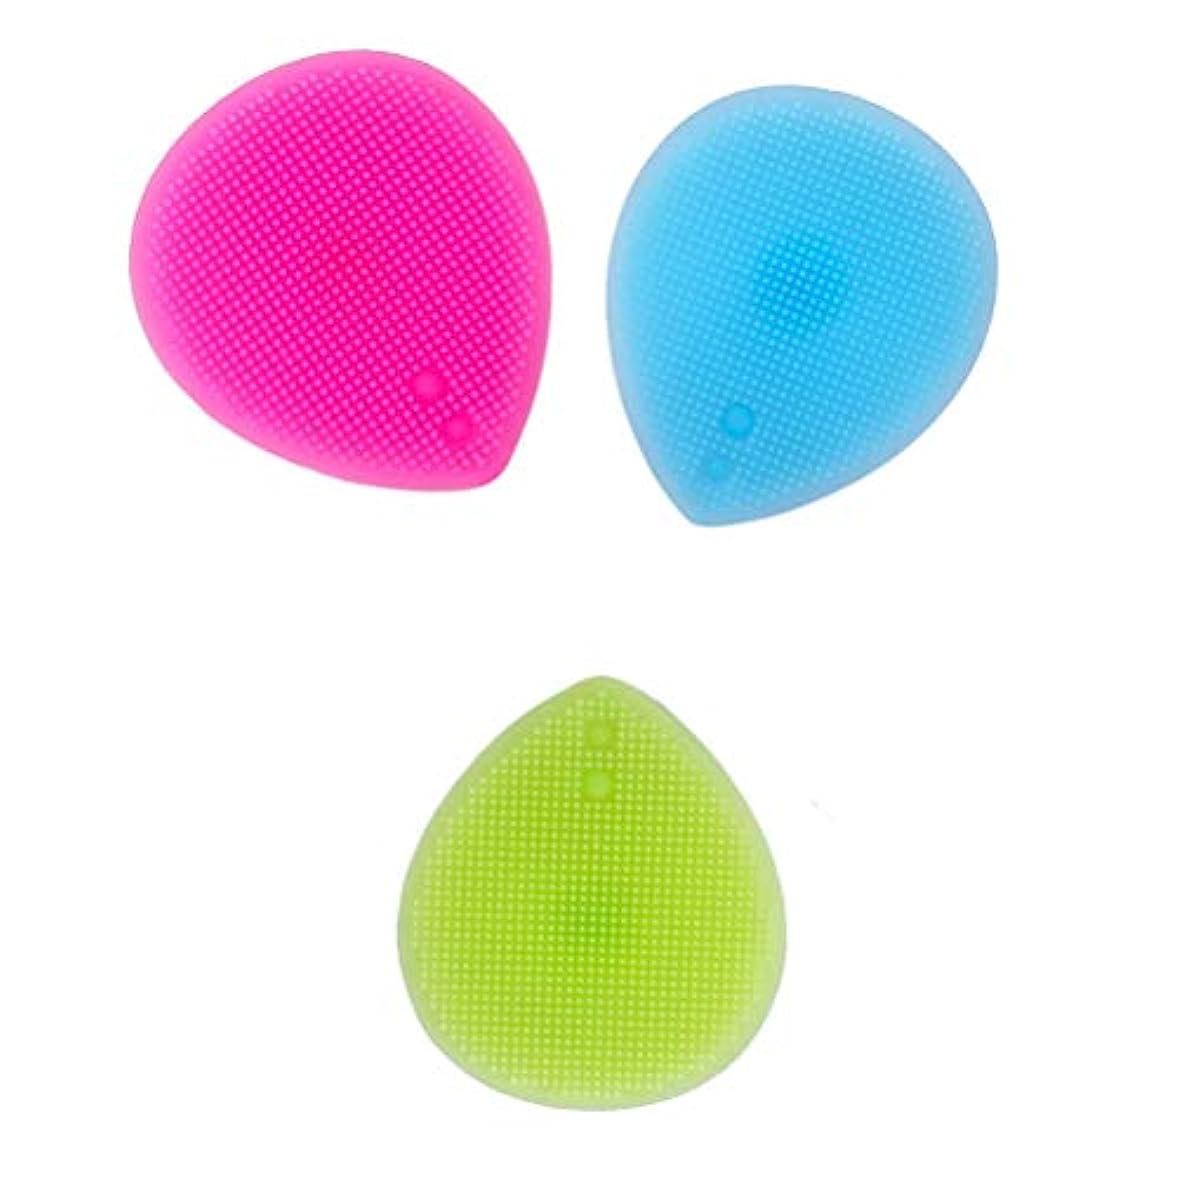 比べる開示する同様にLurrose 3PCSシリコーンフェイシャルクレンジングブラシ手動フェイシャルマッサージブラシ女性用(ブルー+バラ色+グリーン)